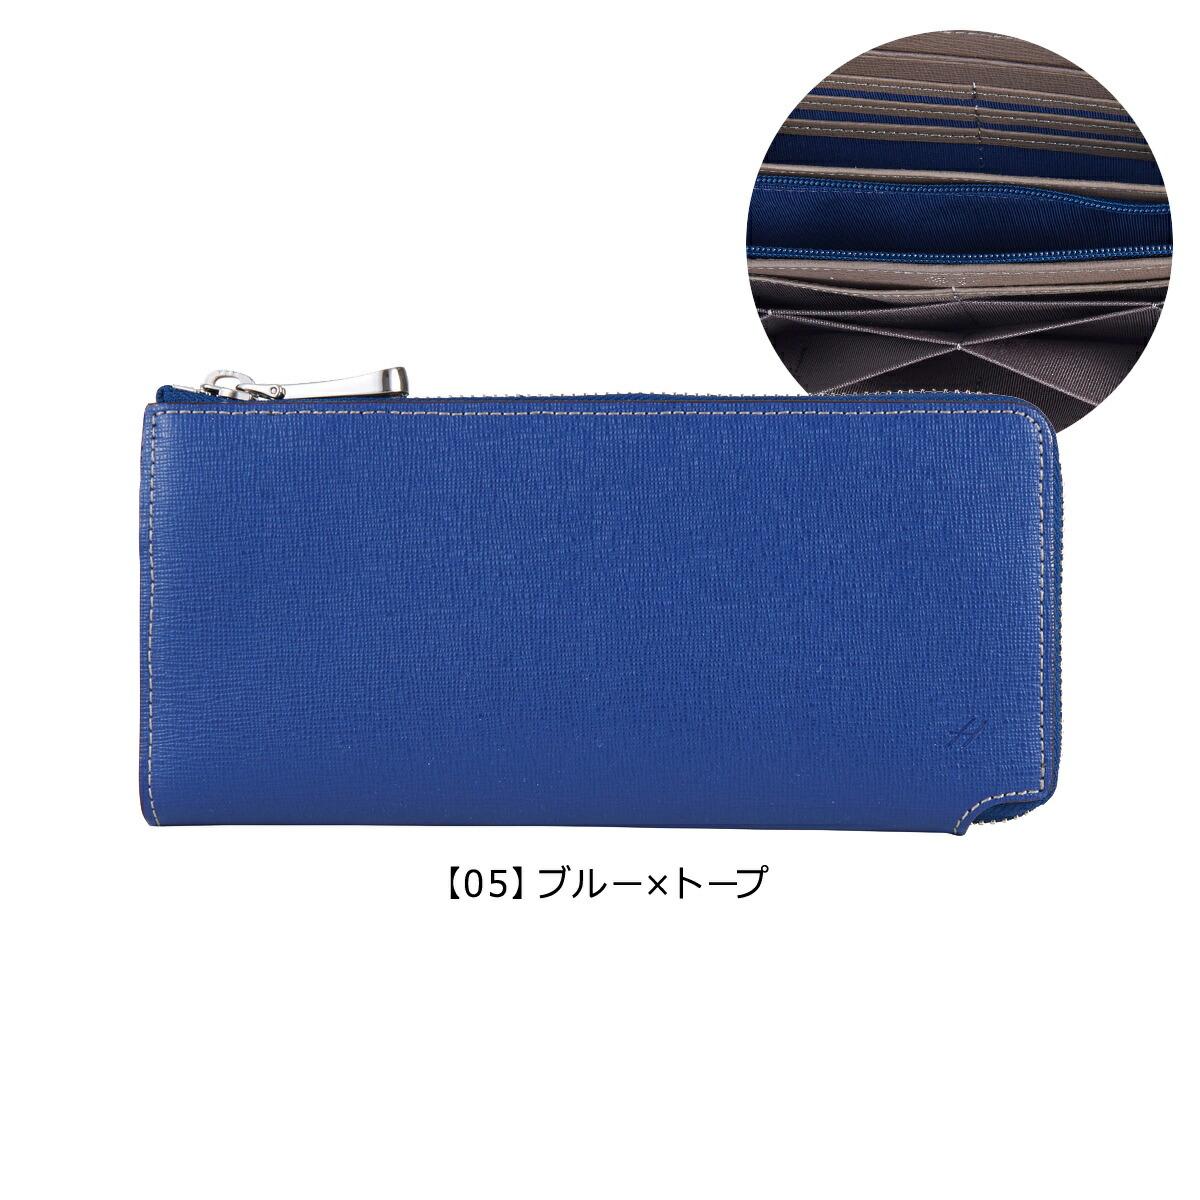 【05】ブルー×トープ